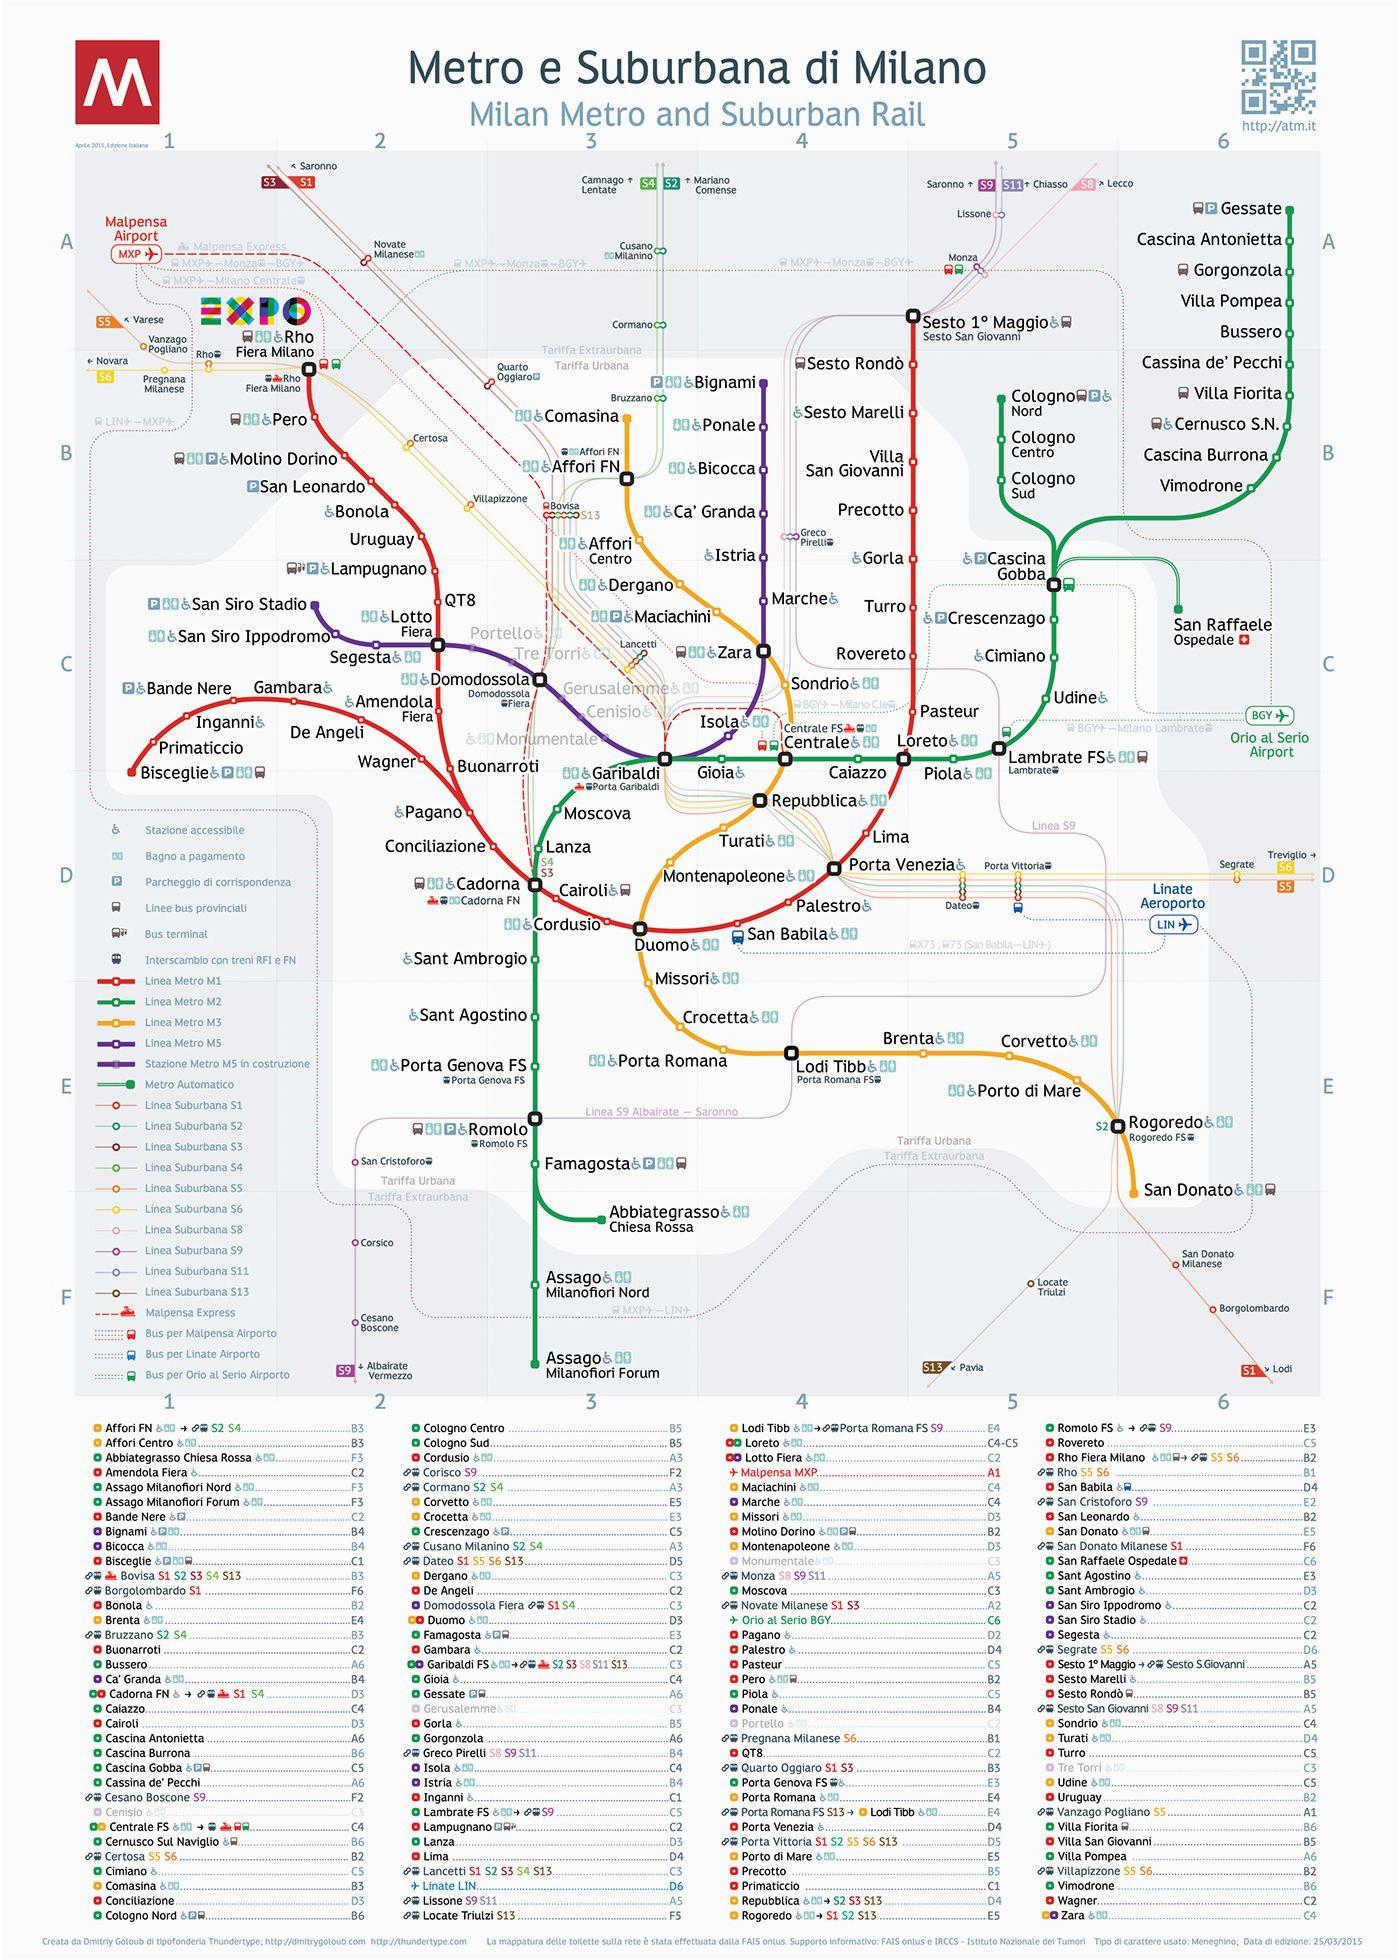 milan metro map cool